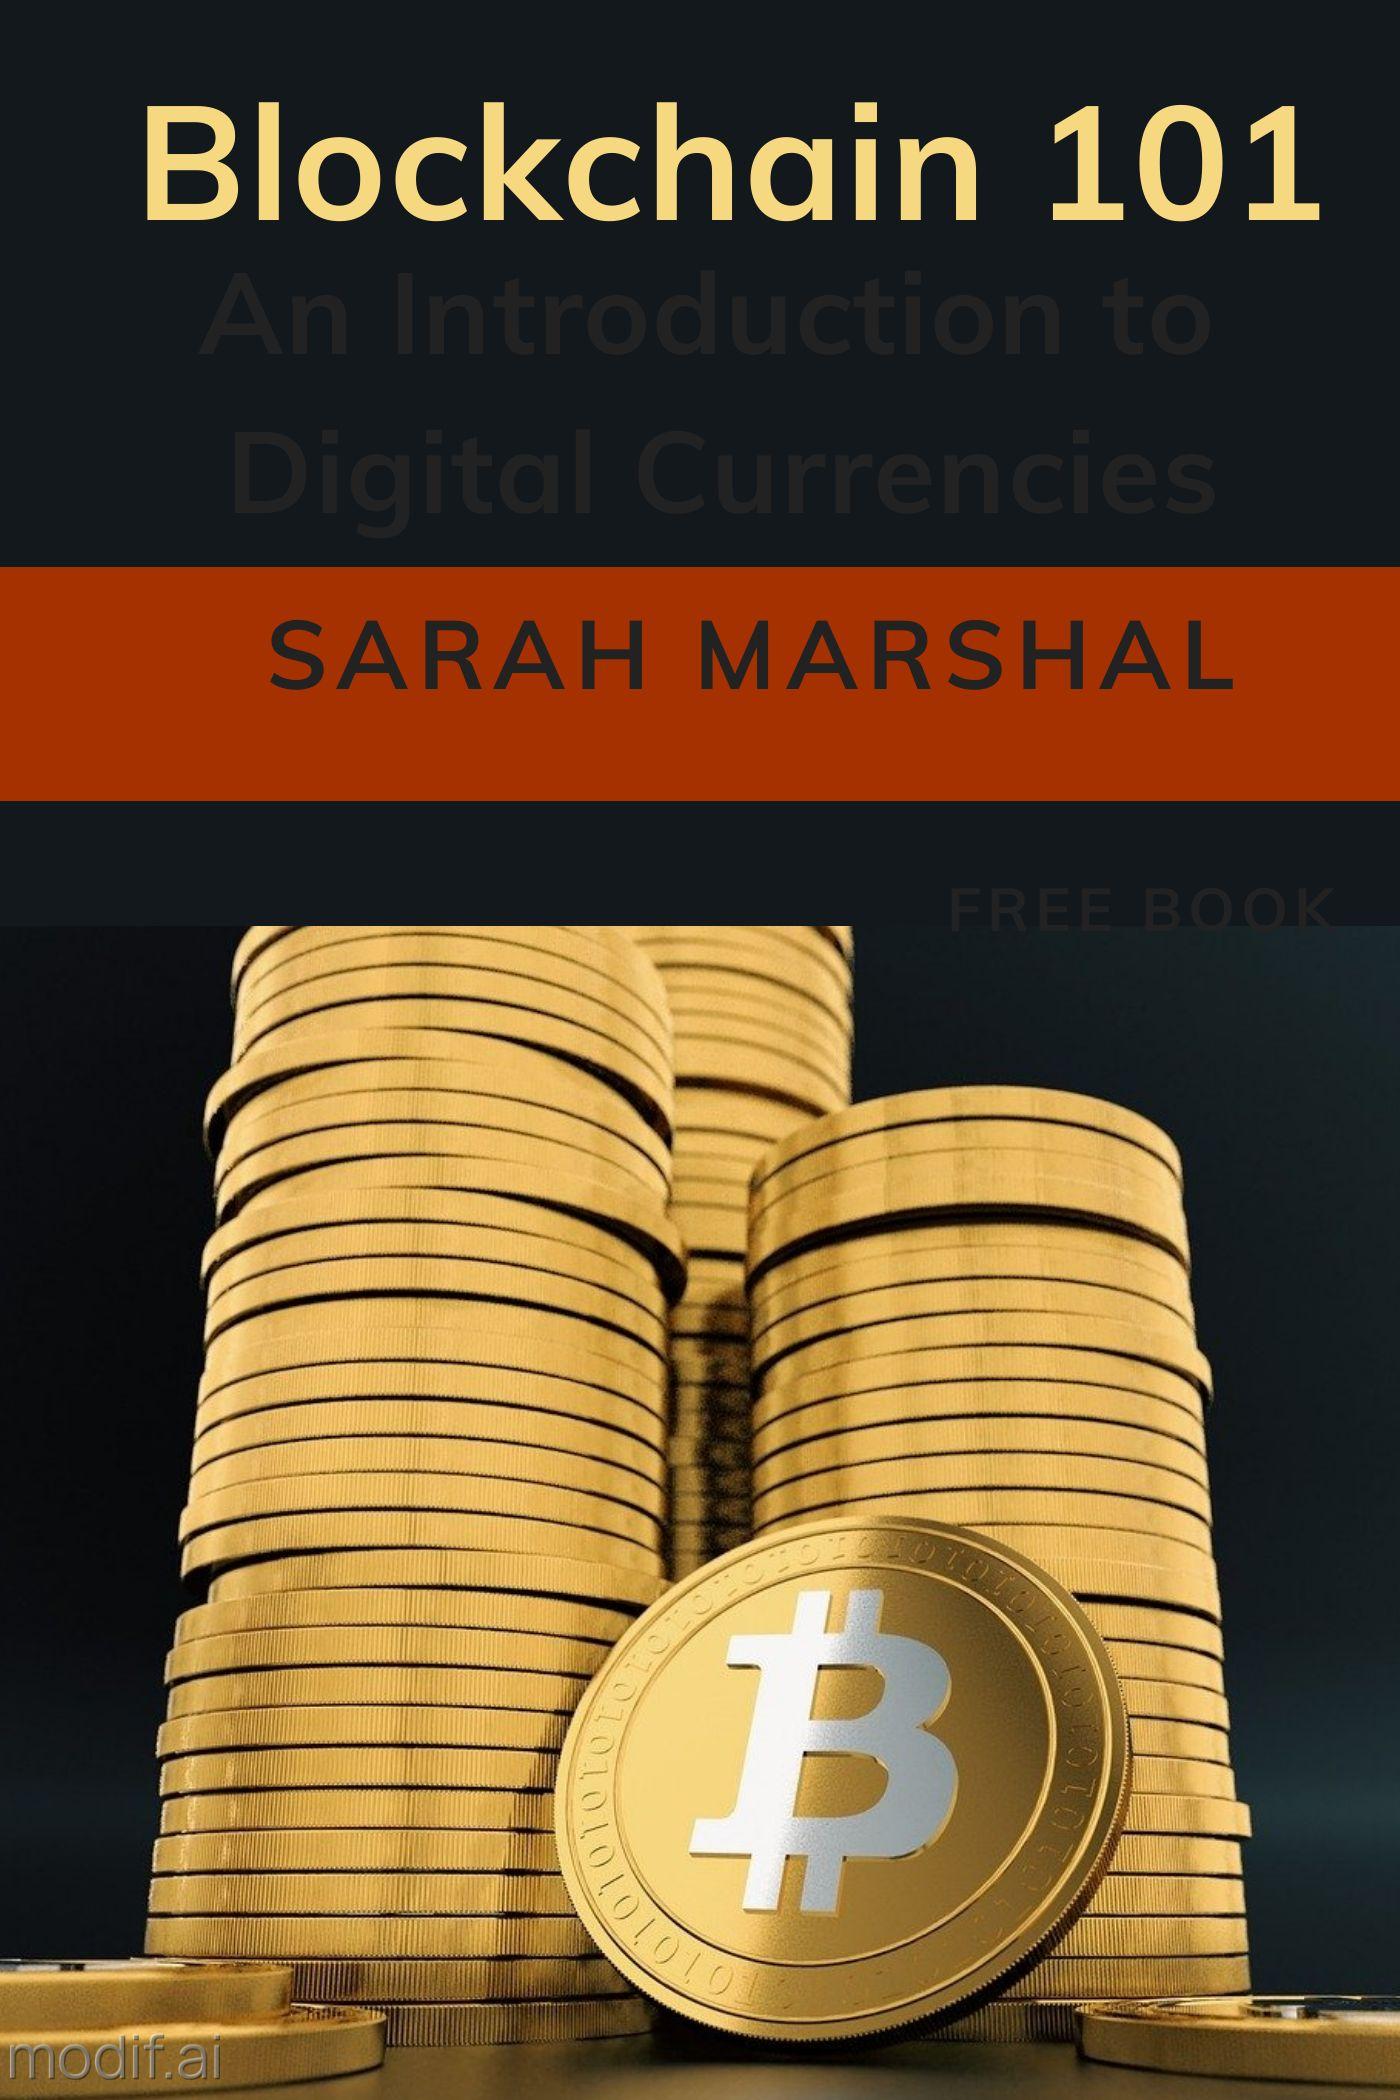 Bitcoin Blockchain Book Cover Design